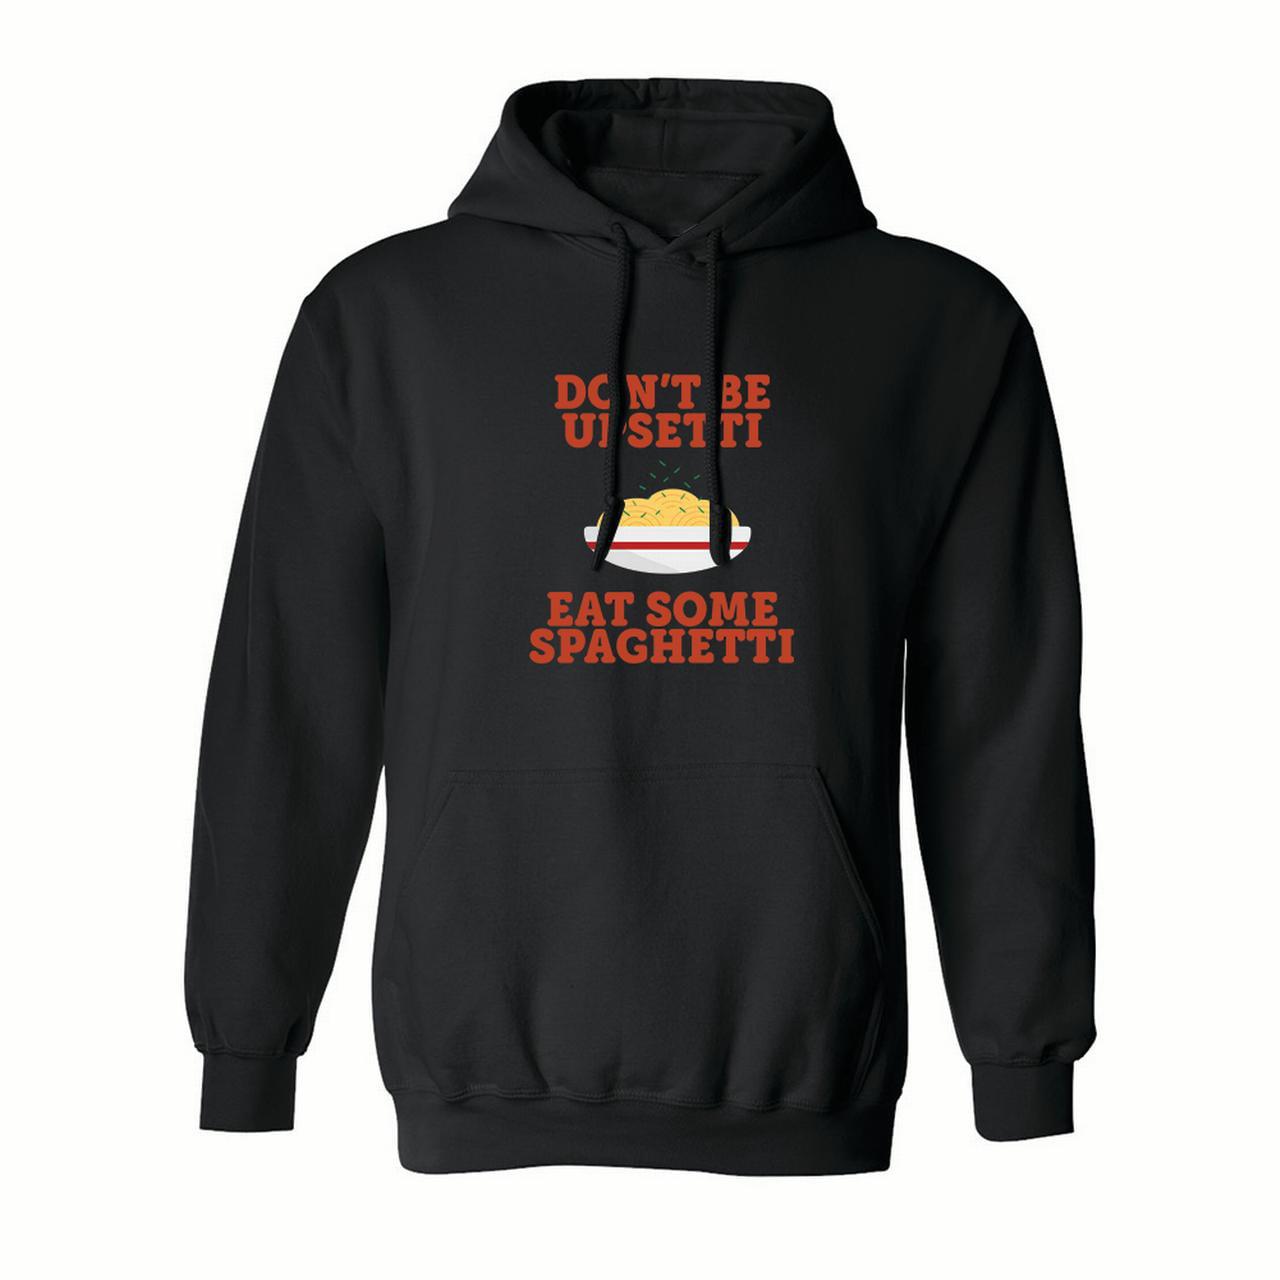 Don't Be Upsetti Eat Some Spaghetti Men's Black Hoodie - image 1 de 1